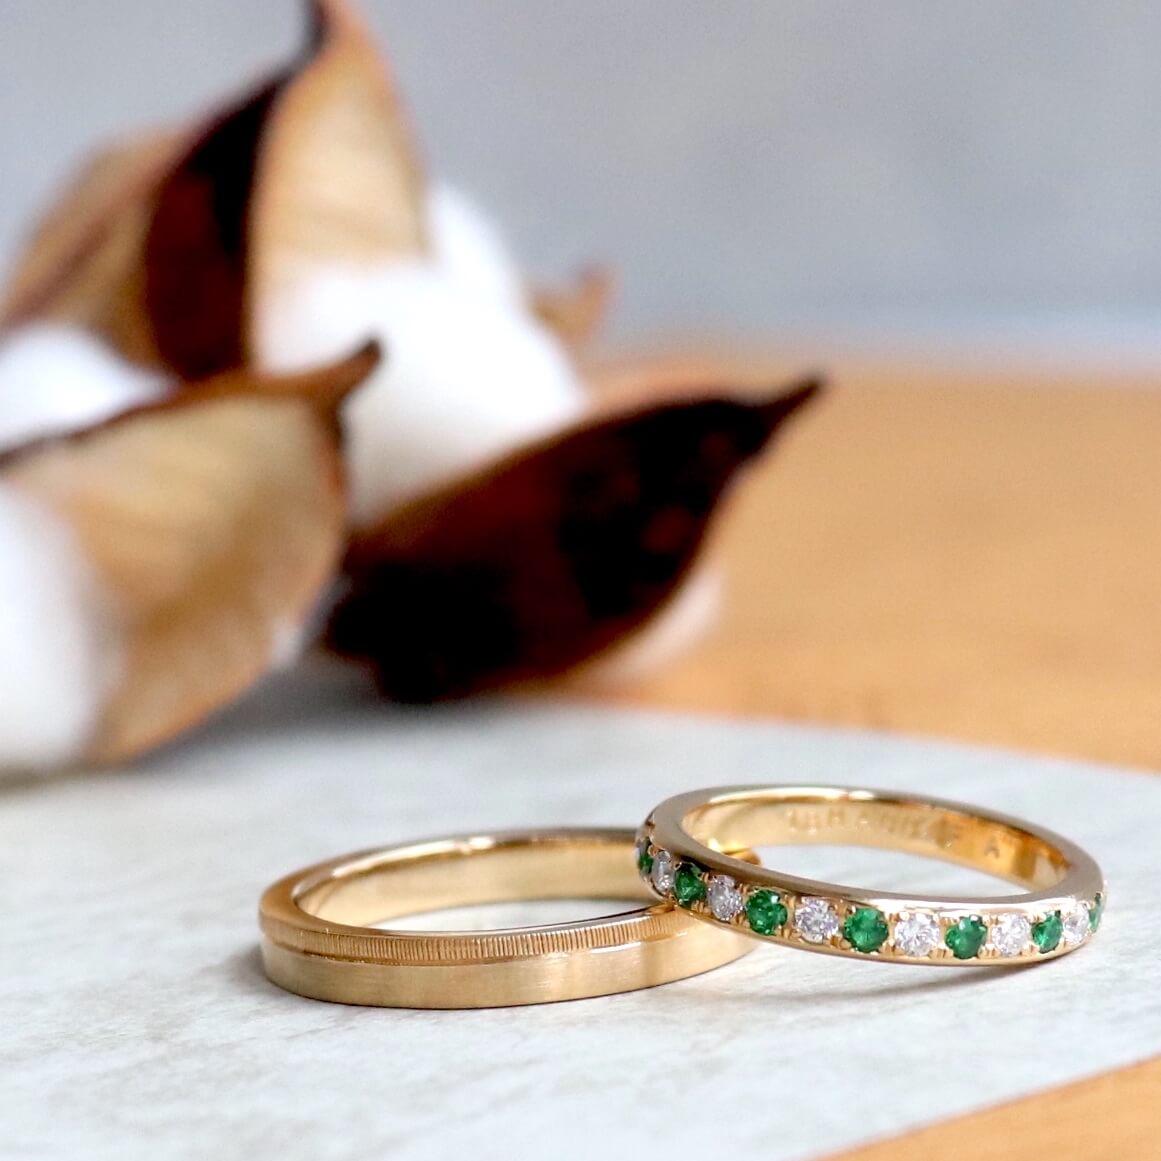 お揃いじゃないオーダーメイドの結婚指輪